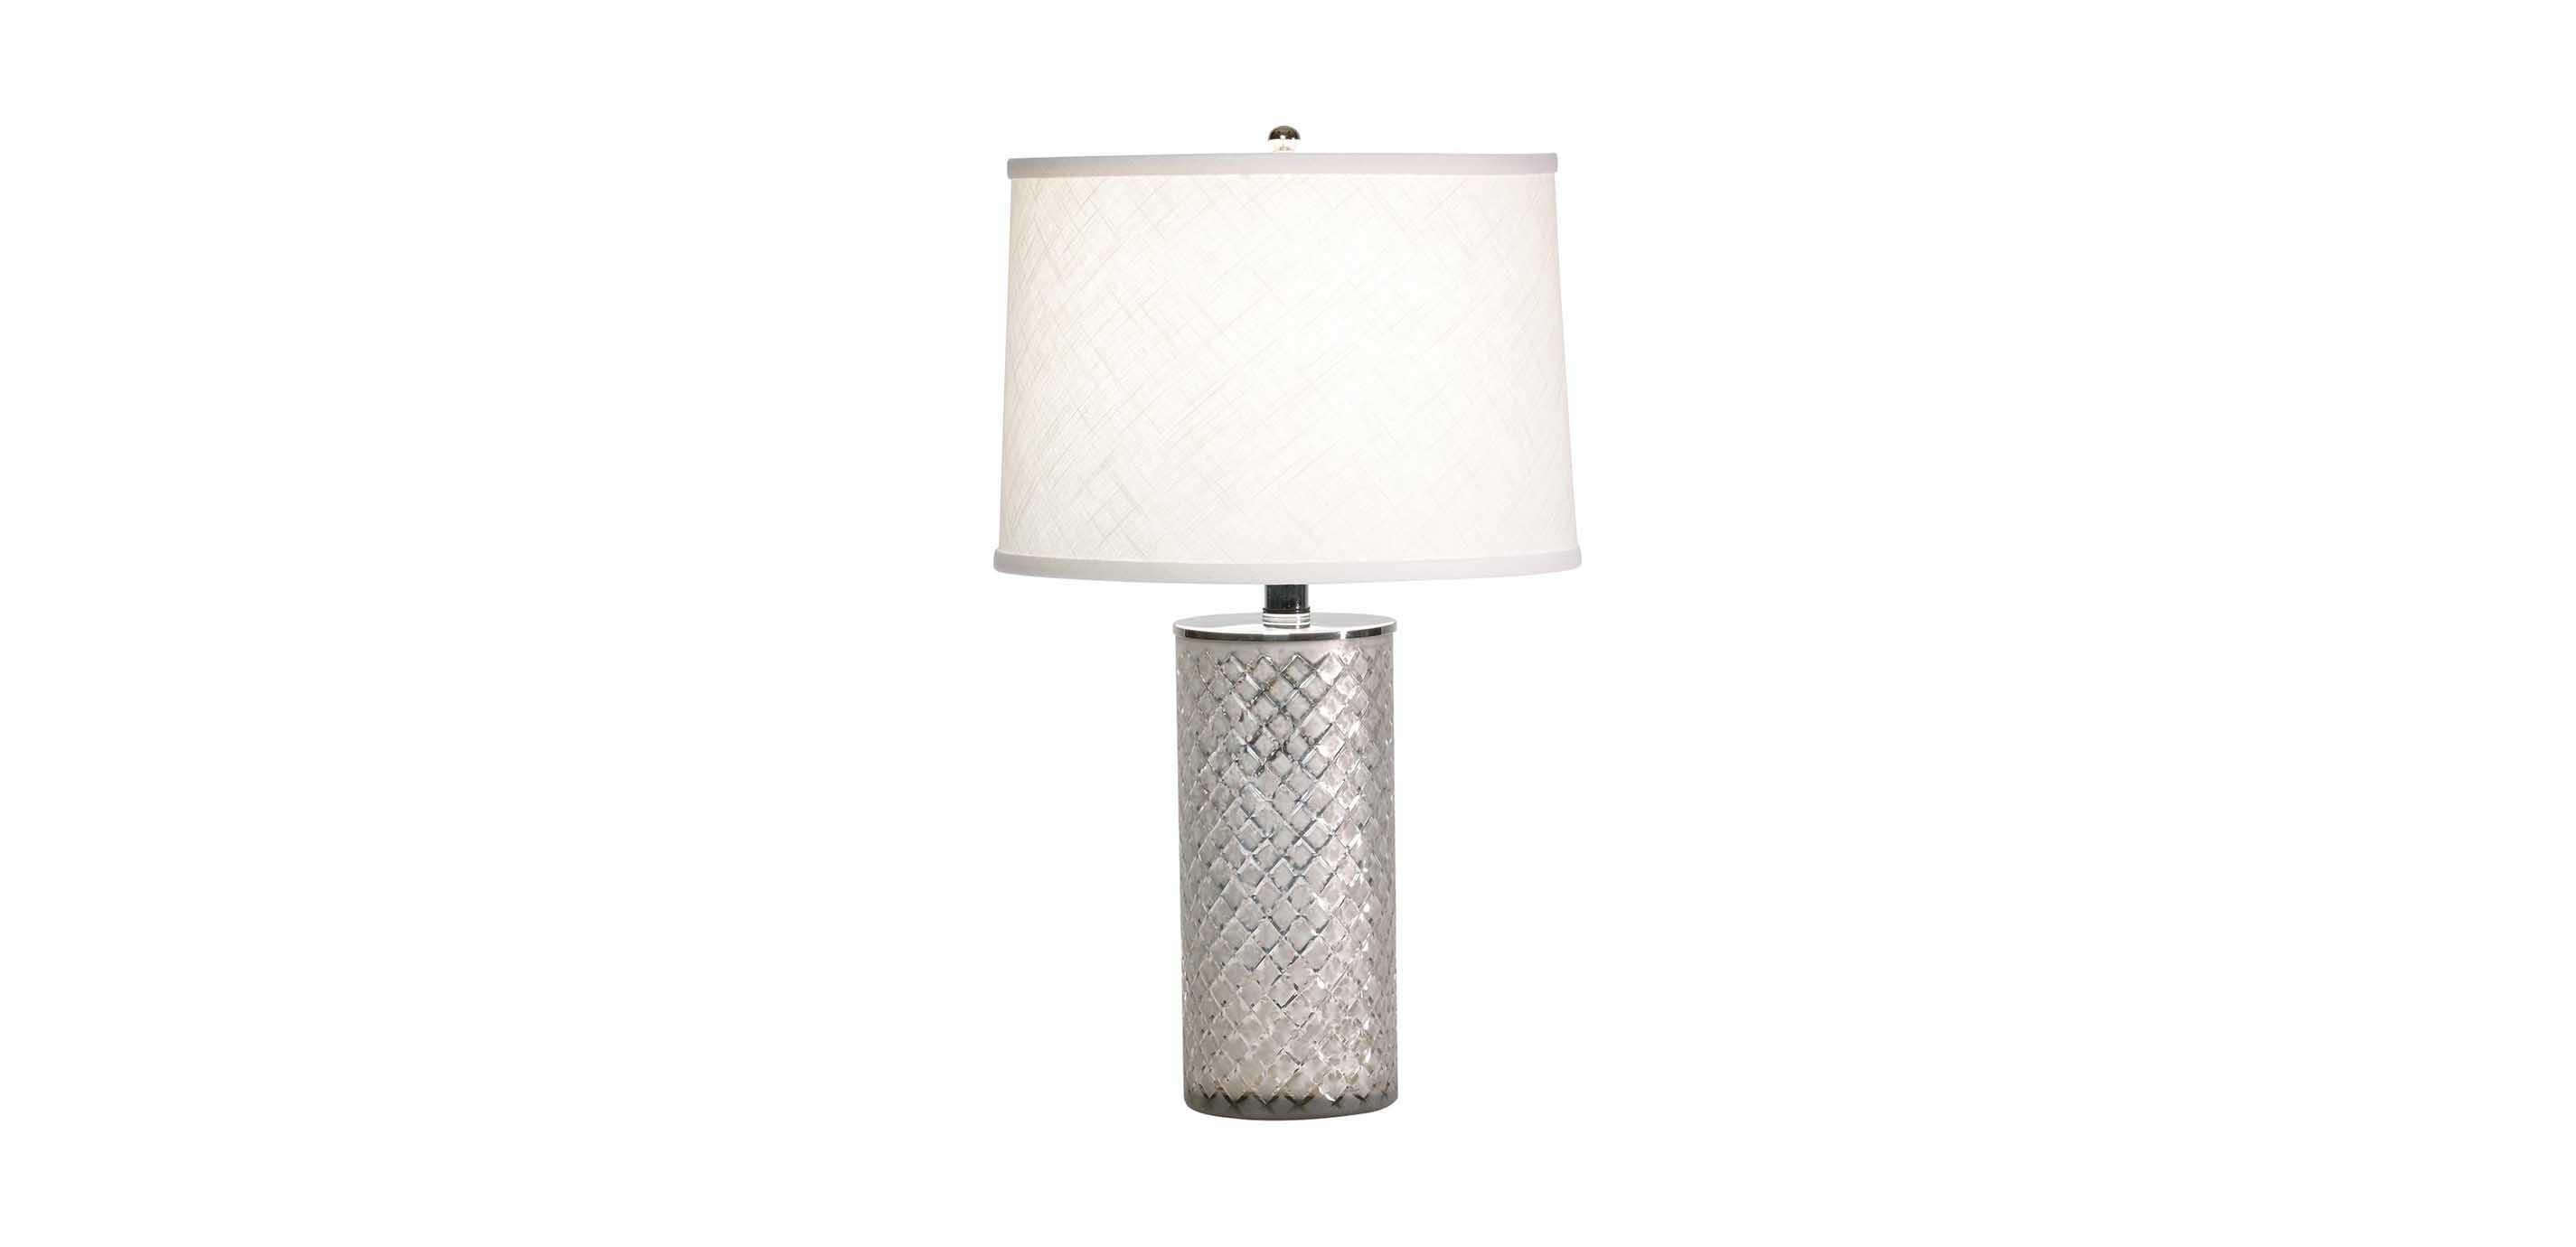 Lattice Glass Accent Lamp Desk Amp Accent Lamps Ethan Allen